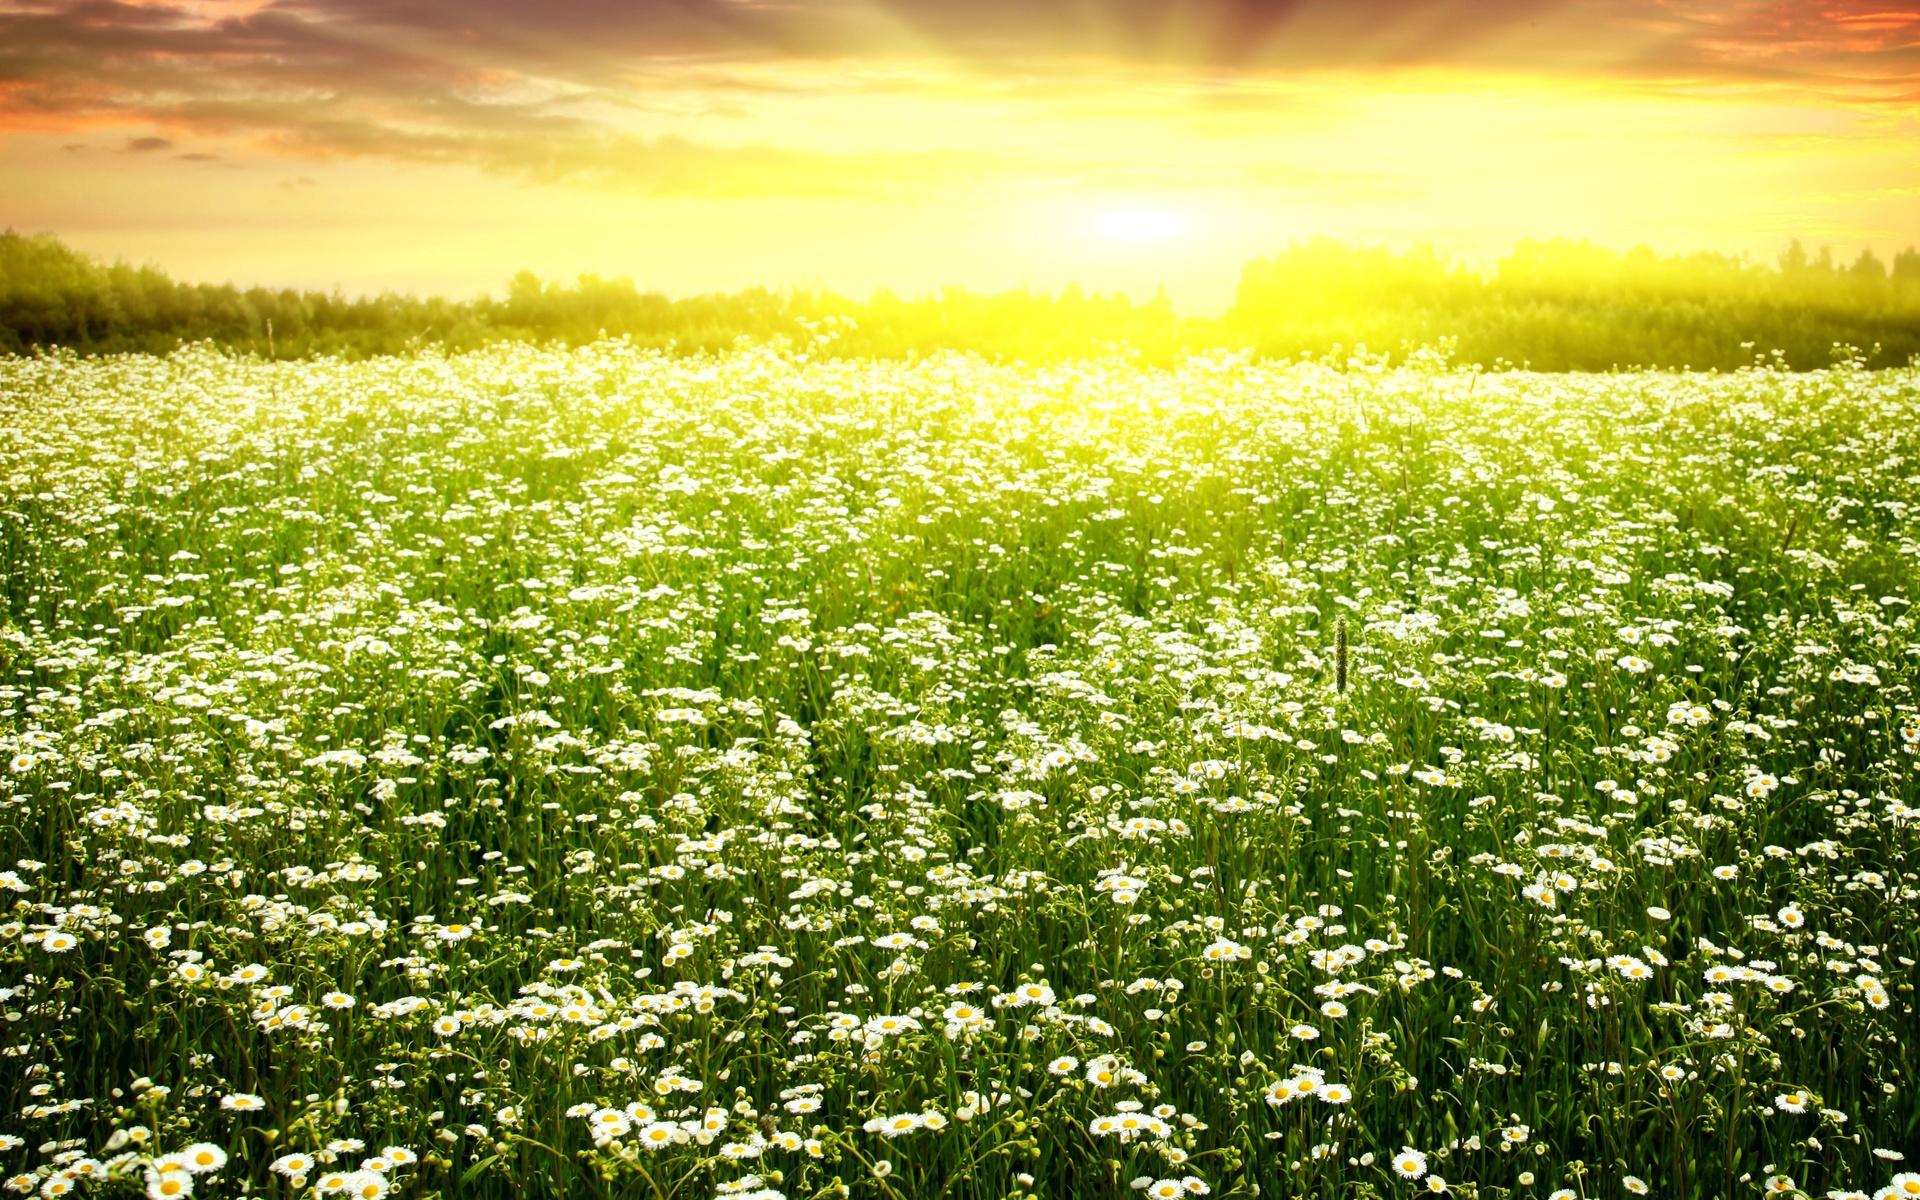 Картинки поле с цветами и солнце